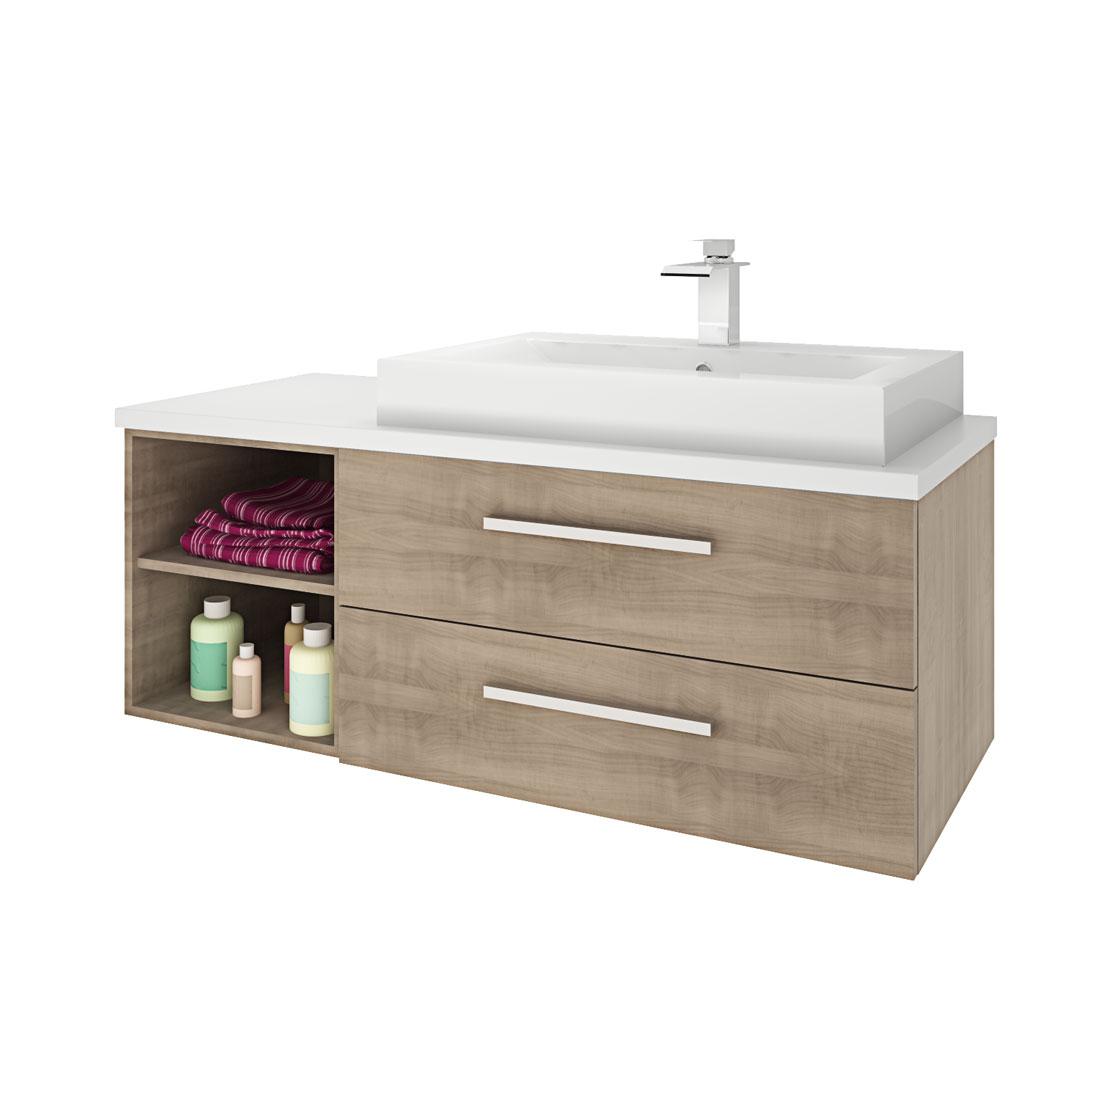 waschtisch mit waschbecken unterschrank city 205 120cm eiche hell. Black Bedroom Furniture Sets. Home Design Ideas